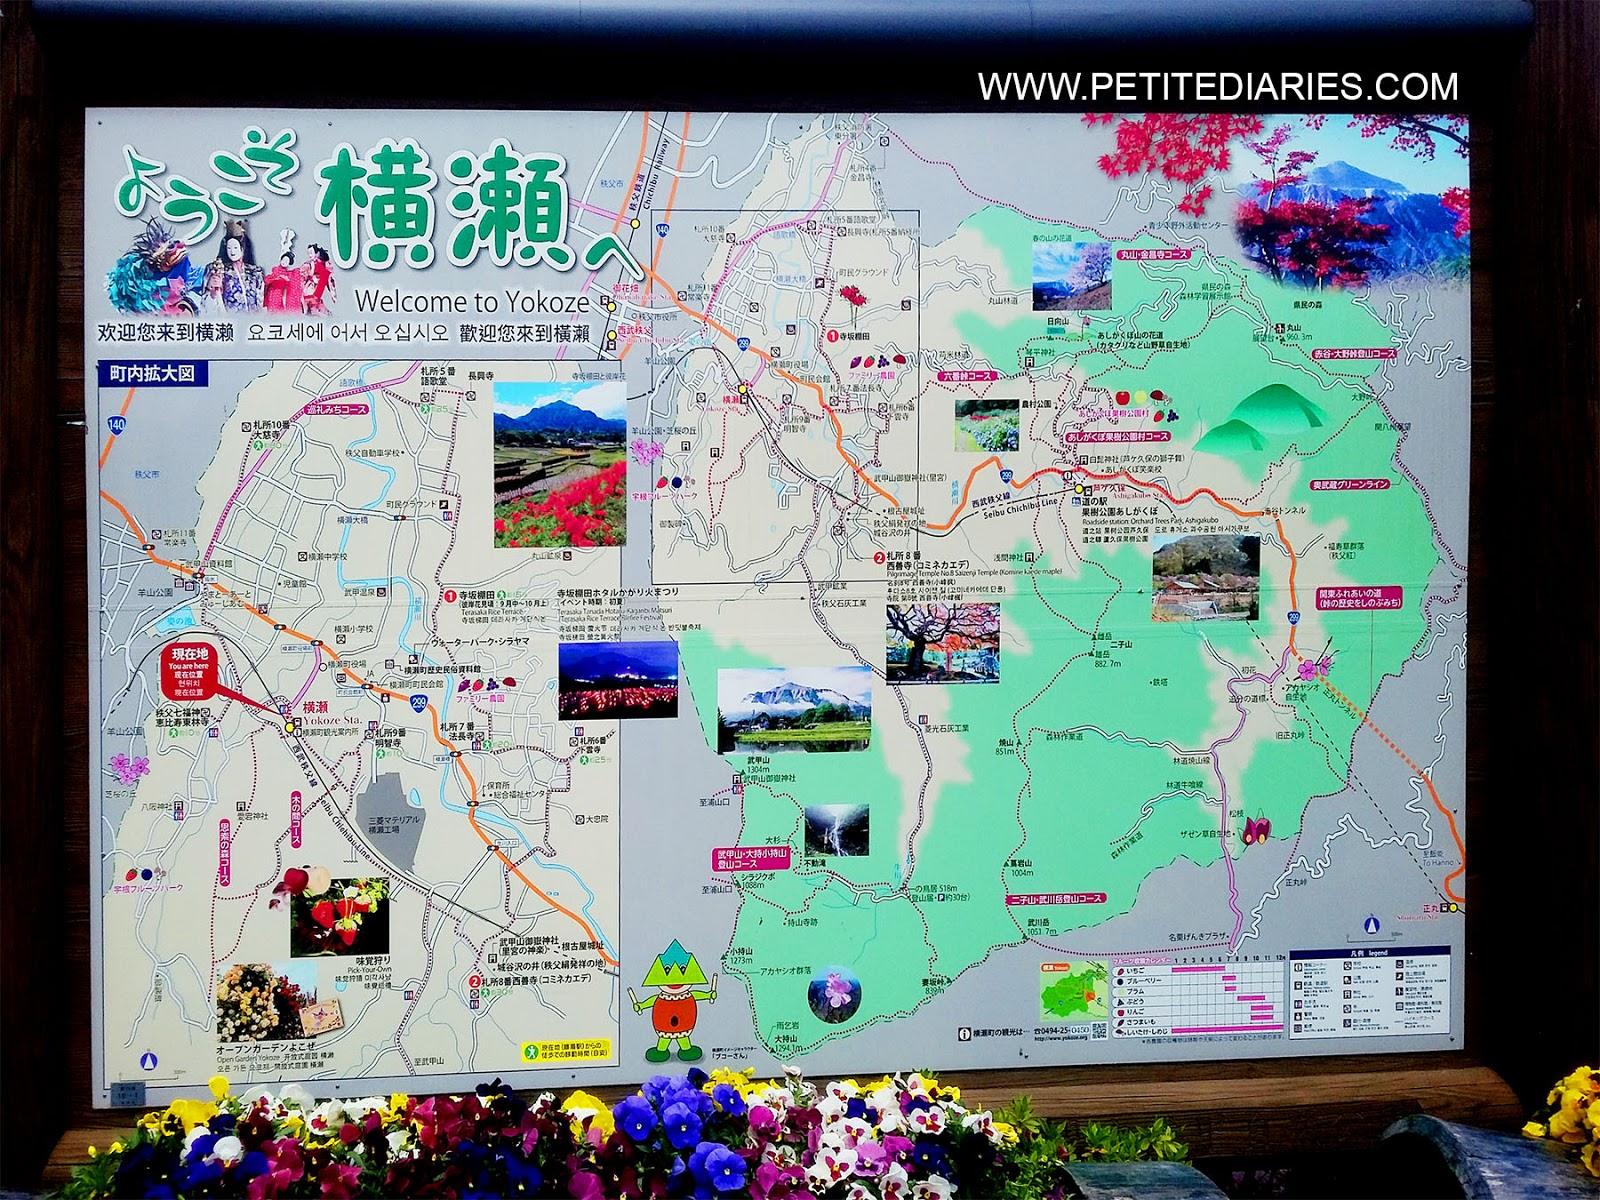 yokoze chichibu saitama map for shibazakura